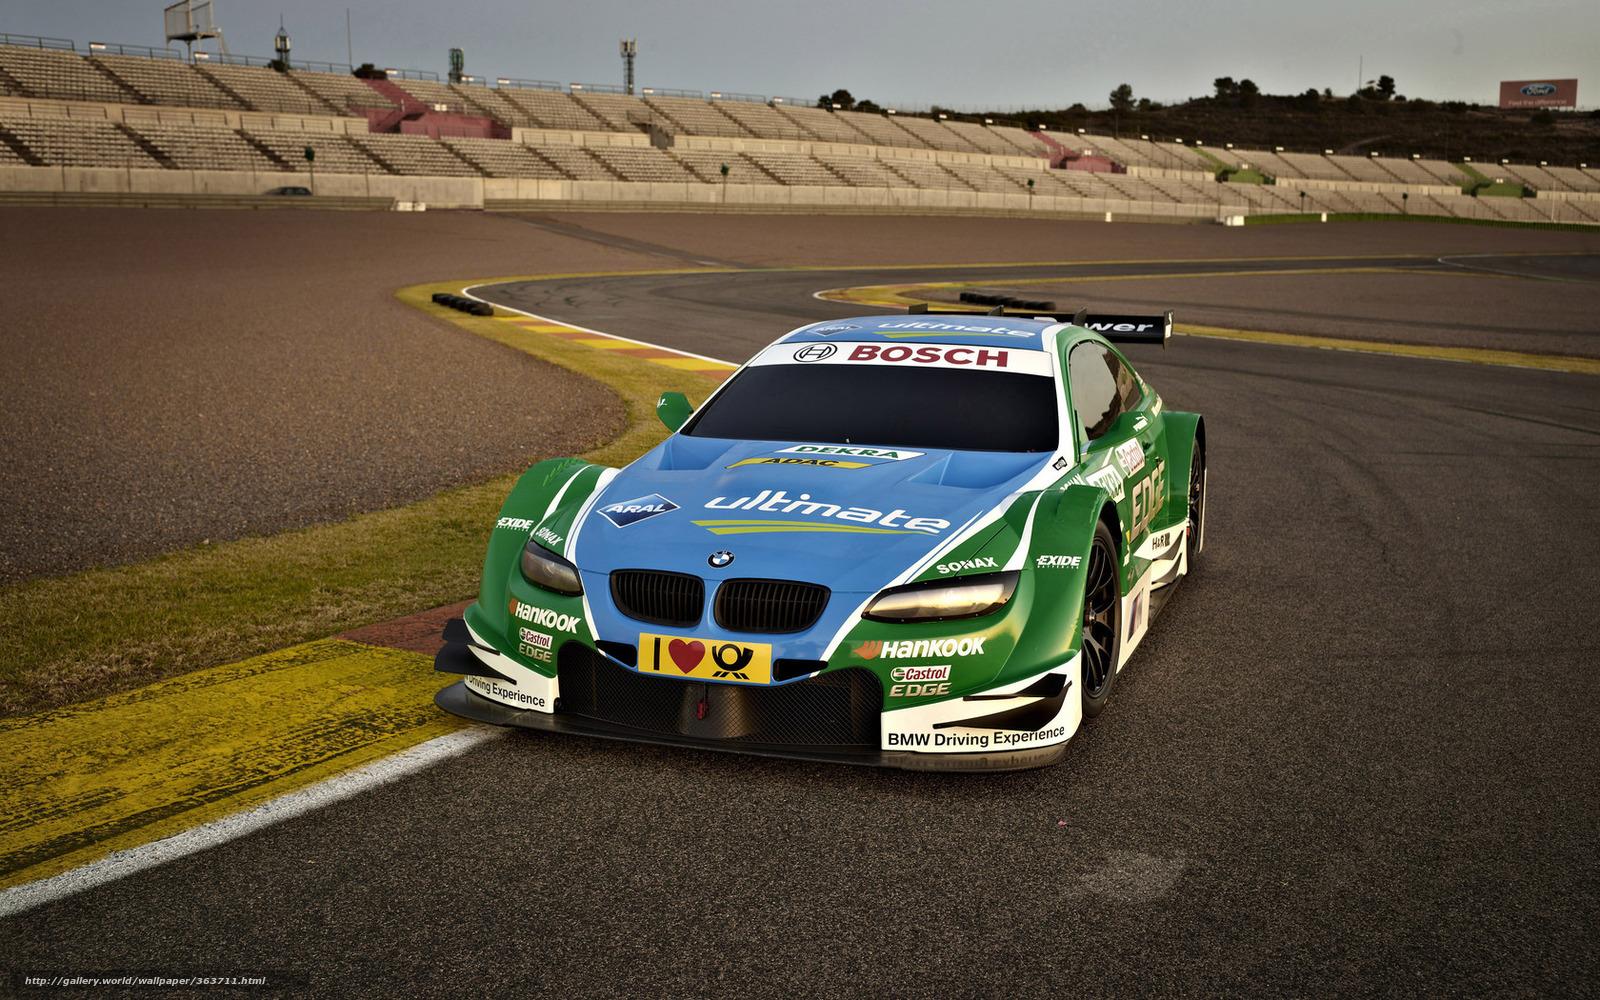 Racing Car Wallpapers  Full HD wallpaper search